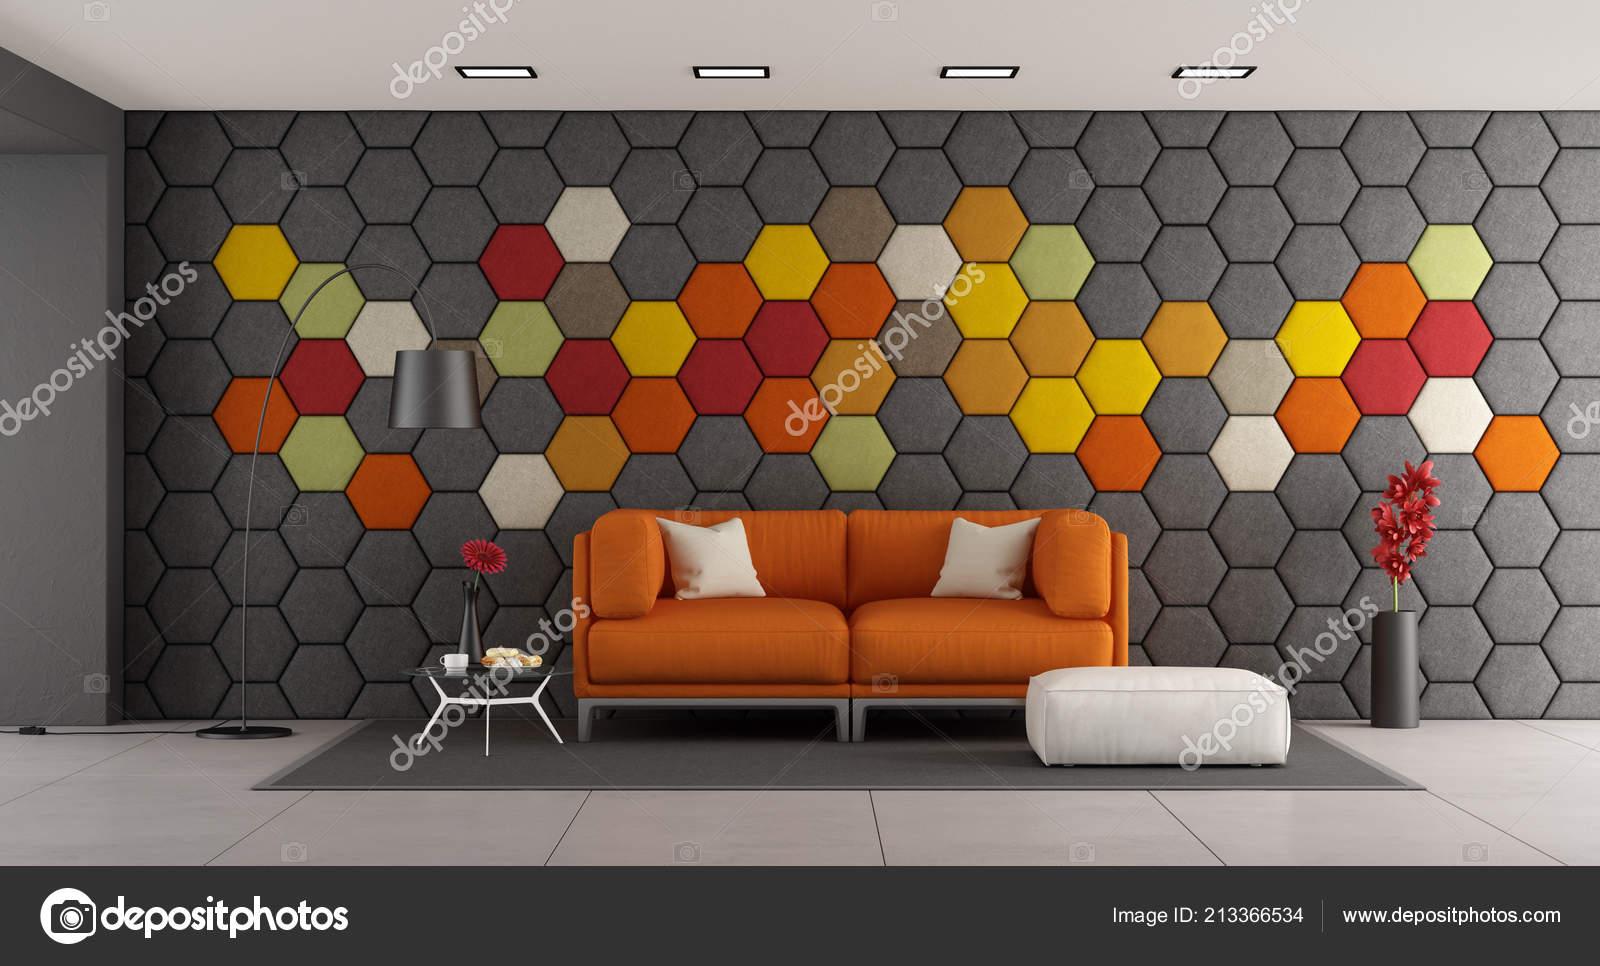 Kleurrijke Witte Woonkamer : Moderne woonkamer met witte bank kleurrijke zeshoekige panelen van